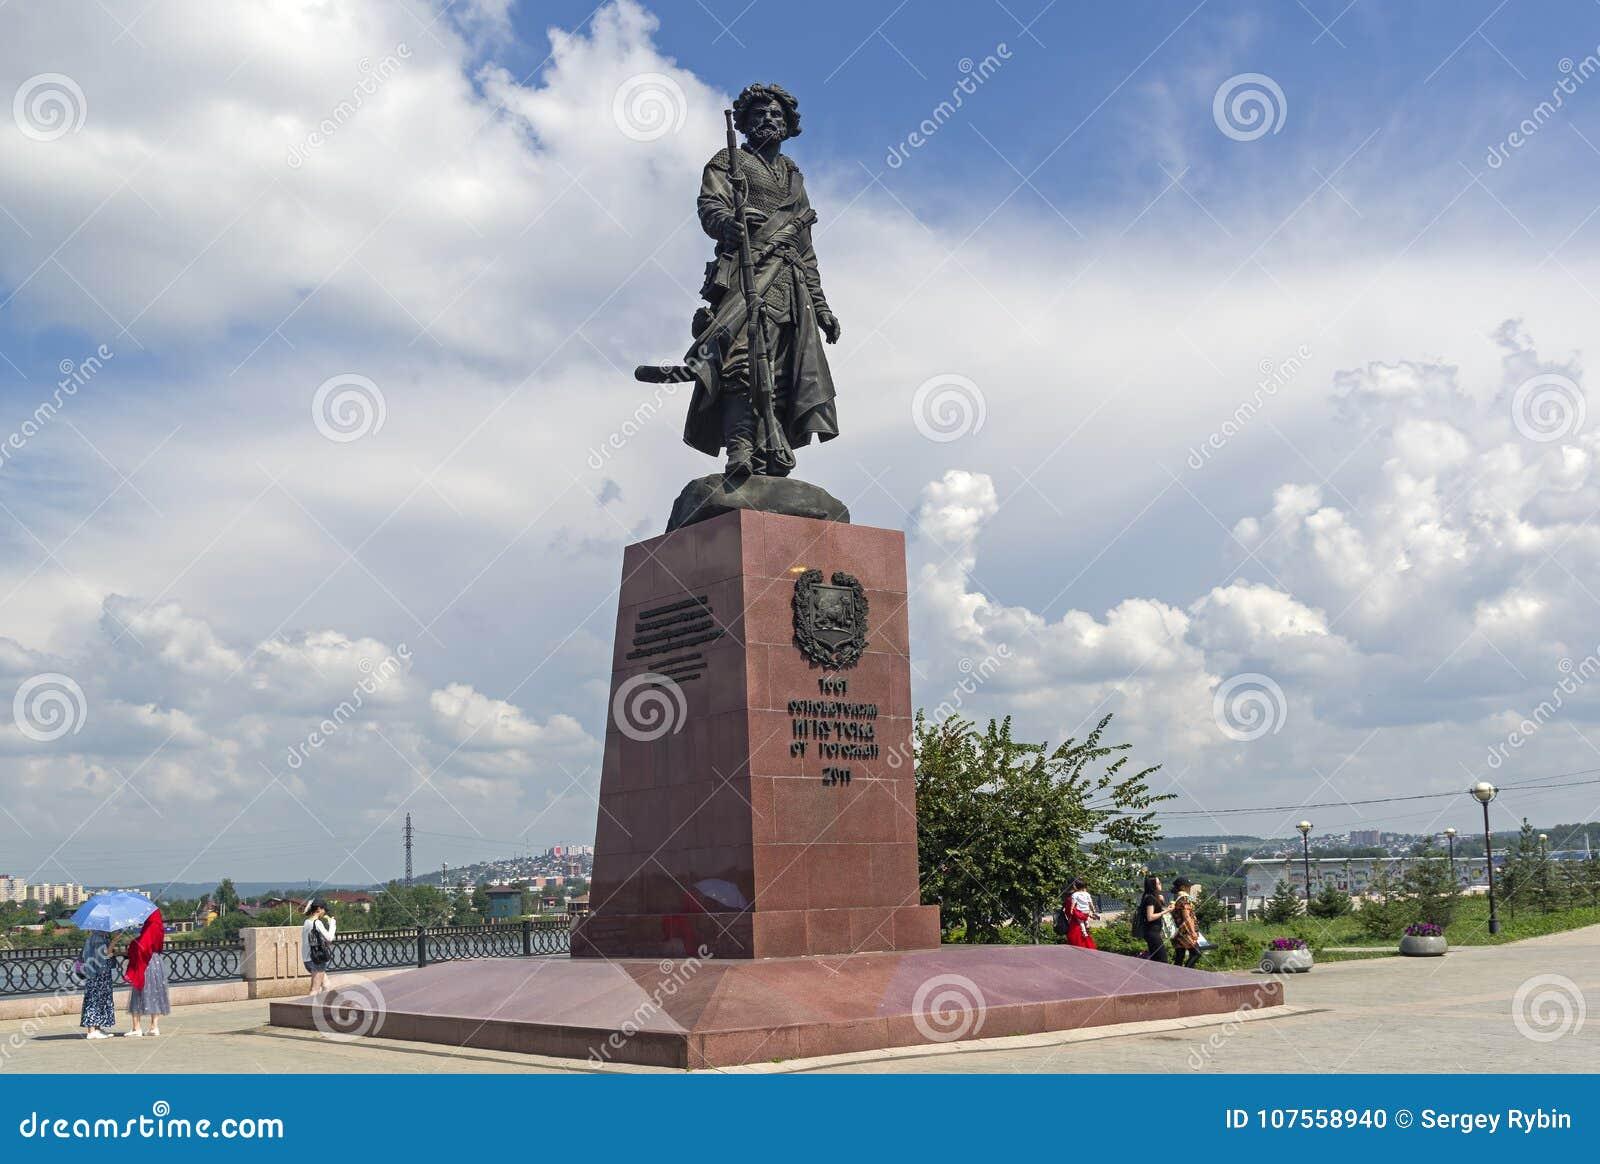 Monumento al fundador del cosaco Yakov Pokhabov de Irkutsk